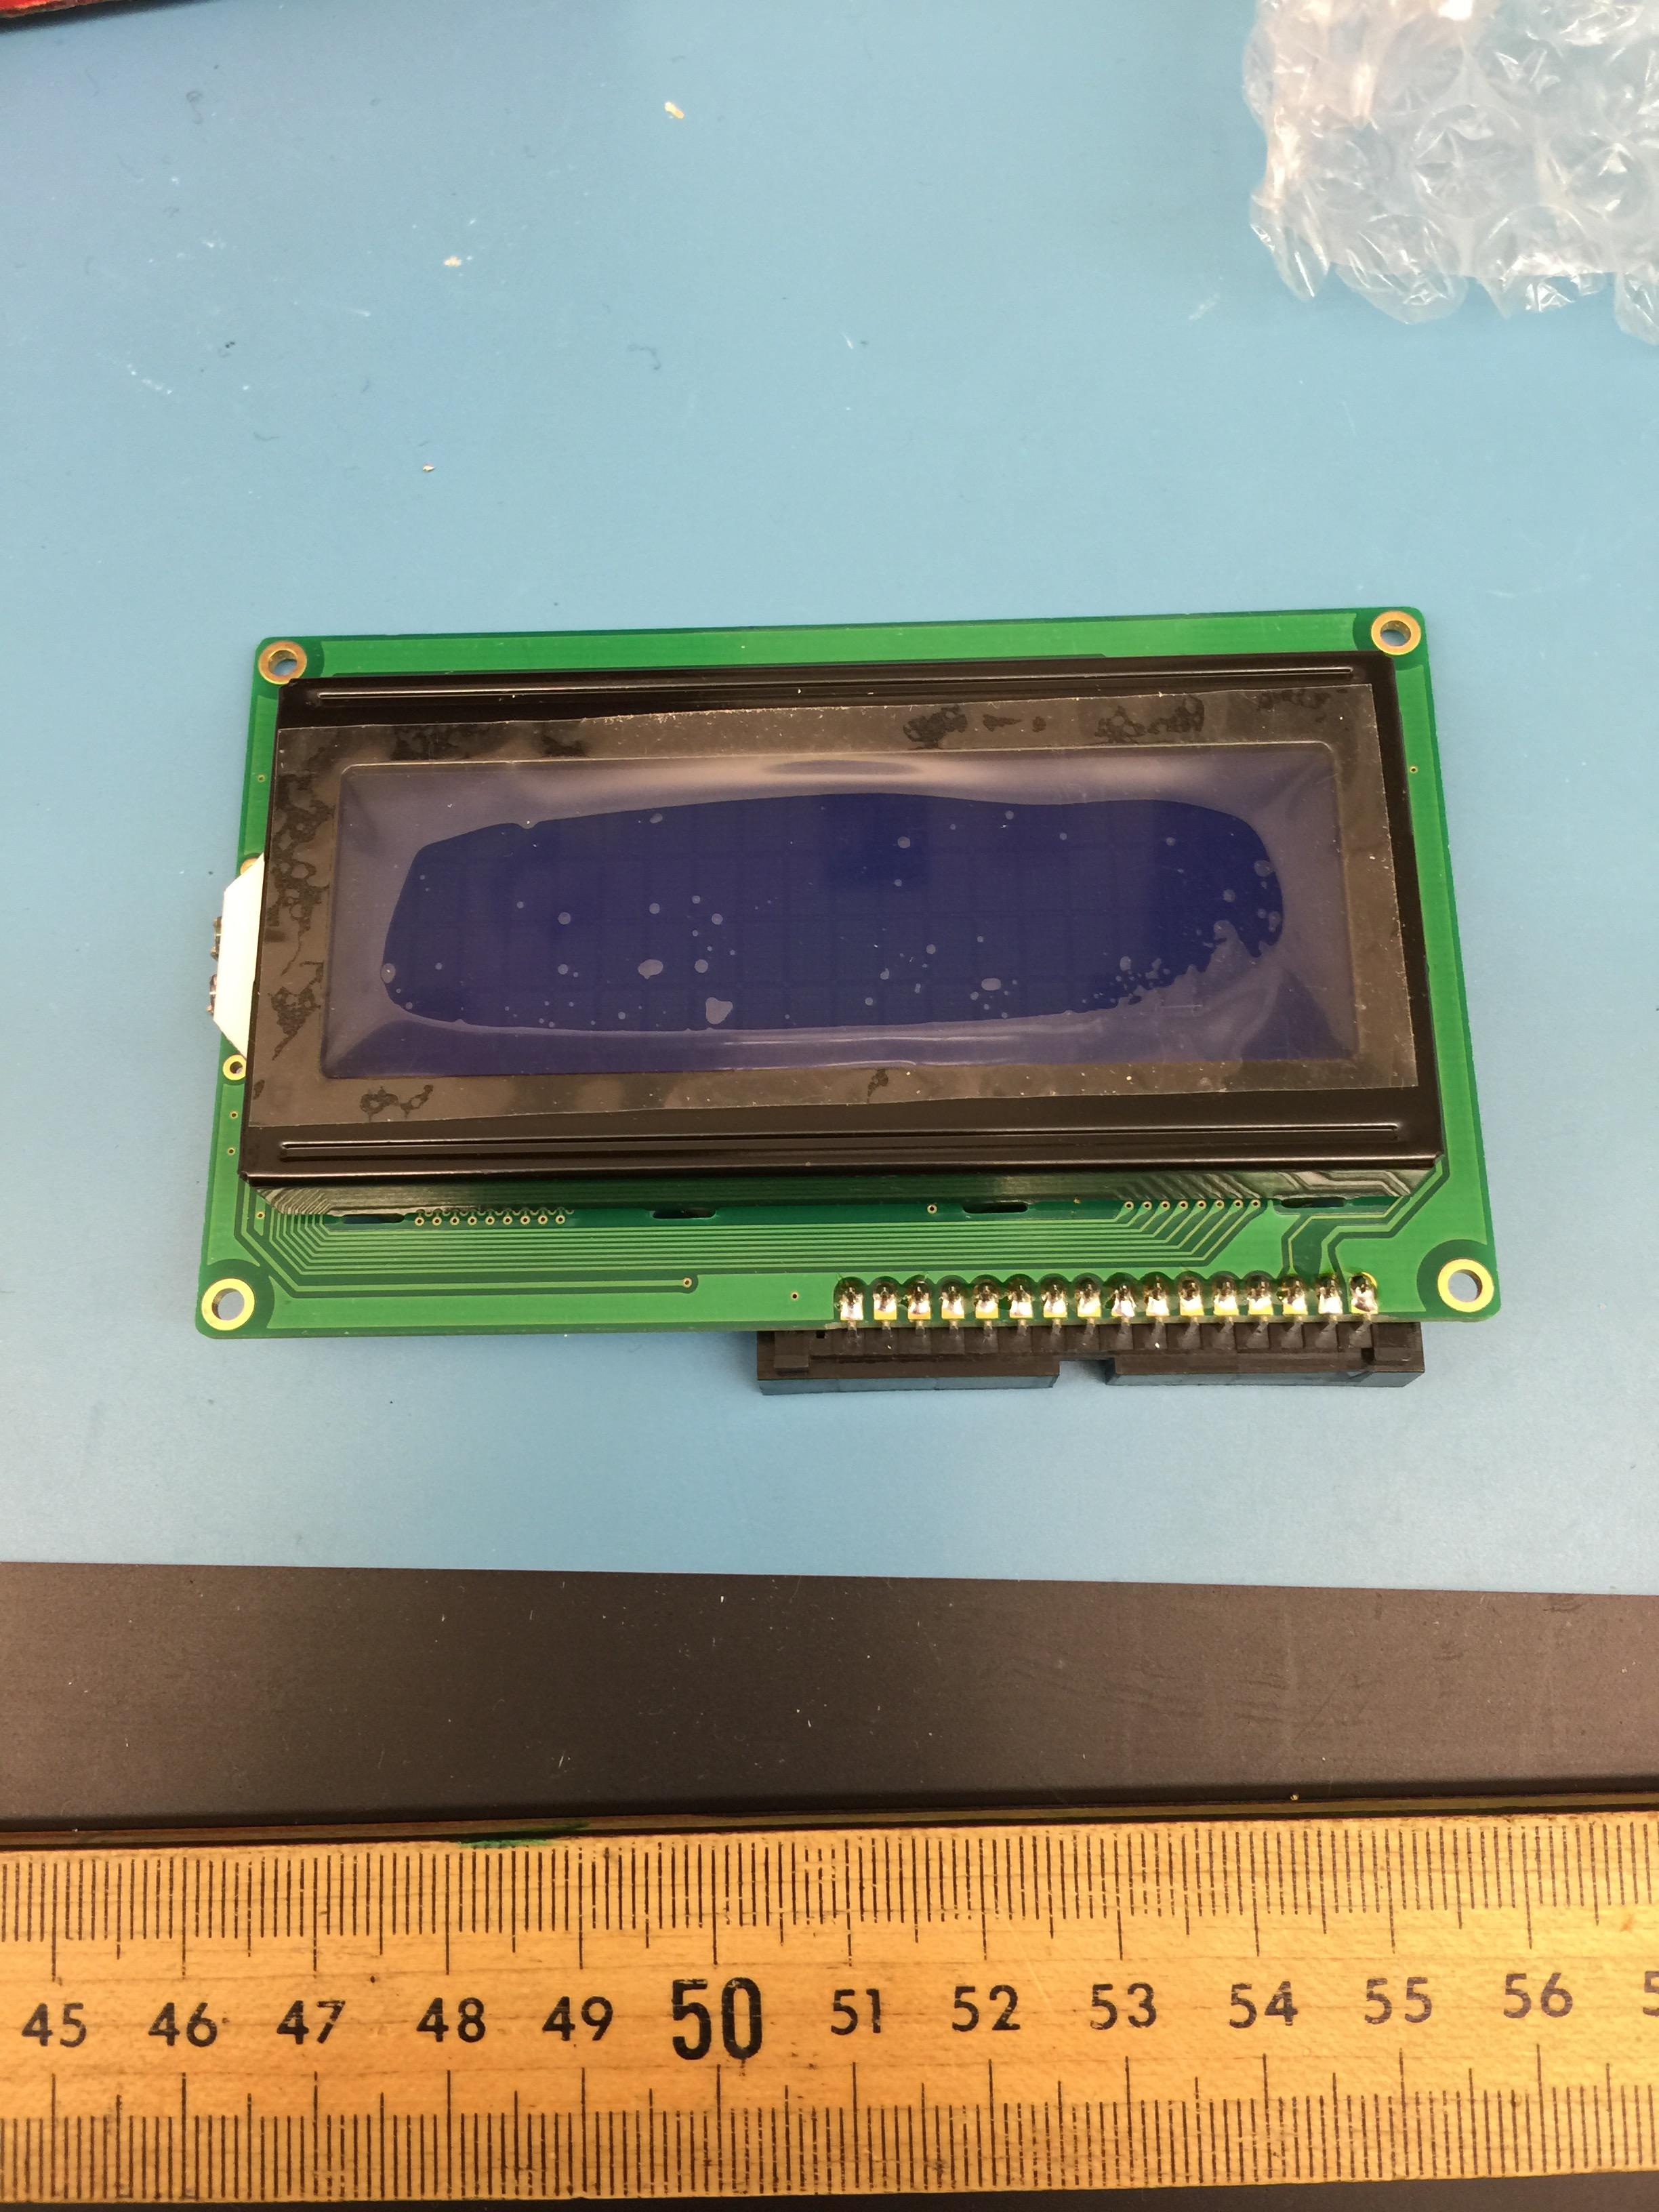 The display board